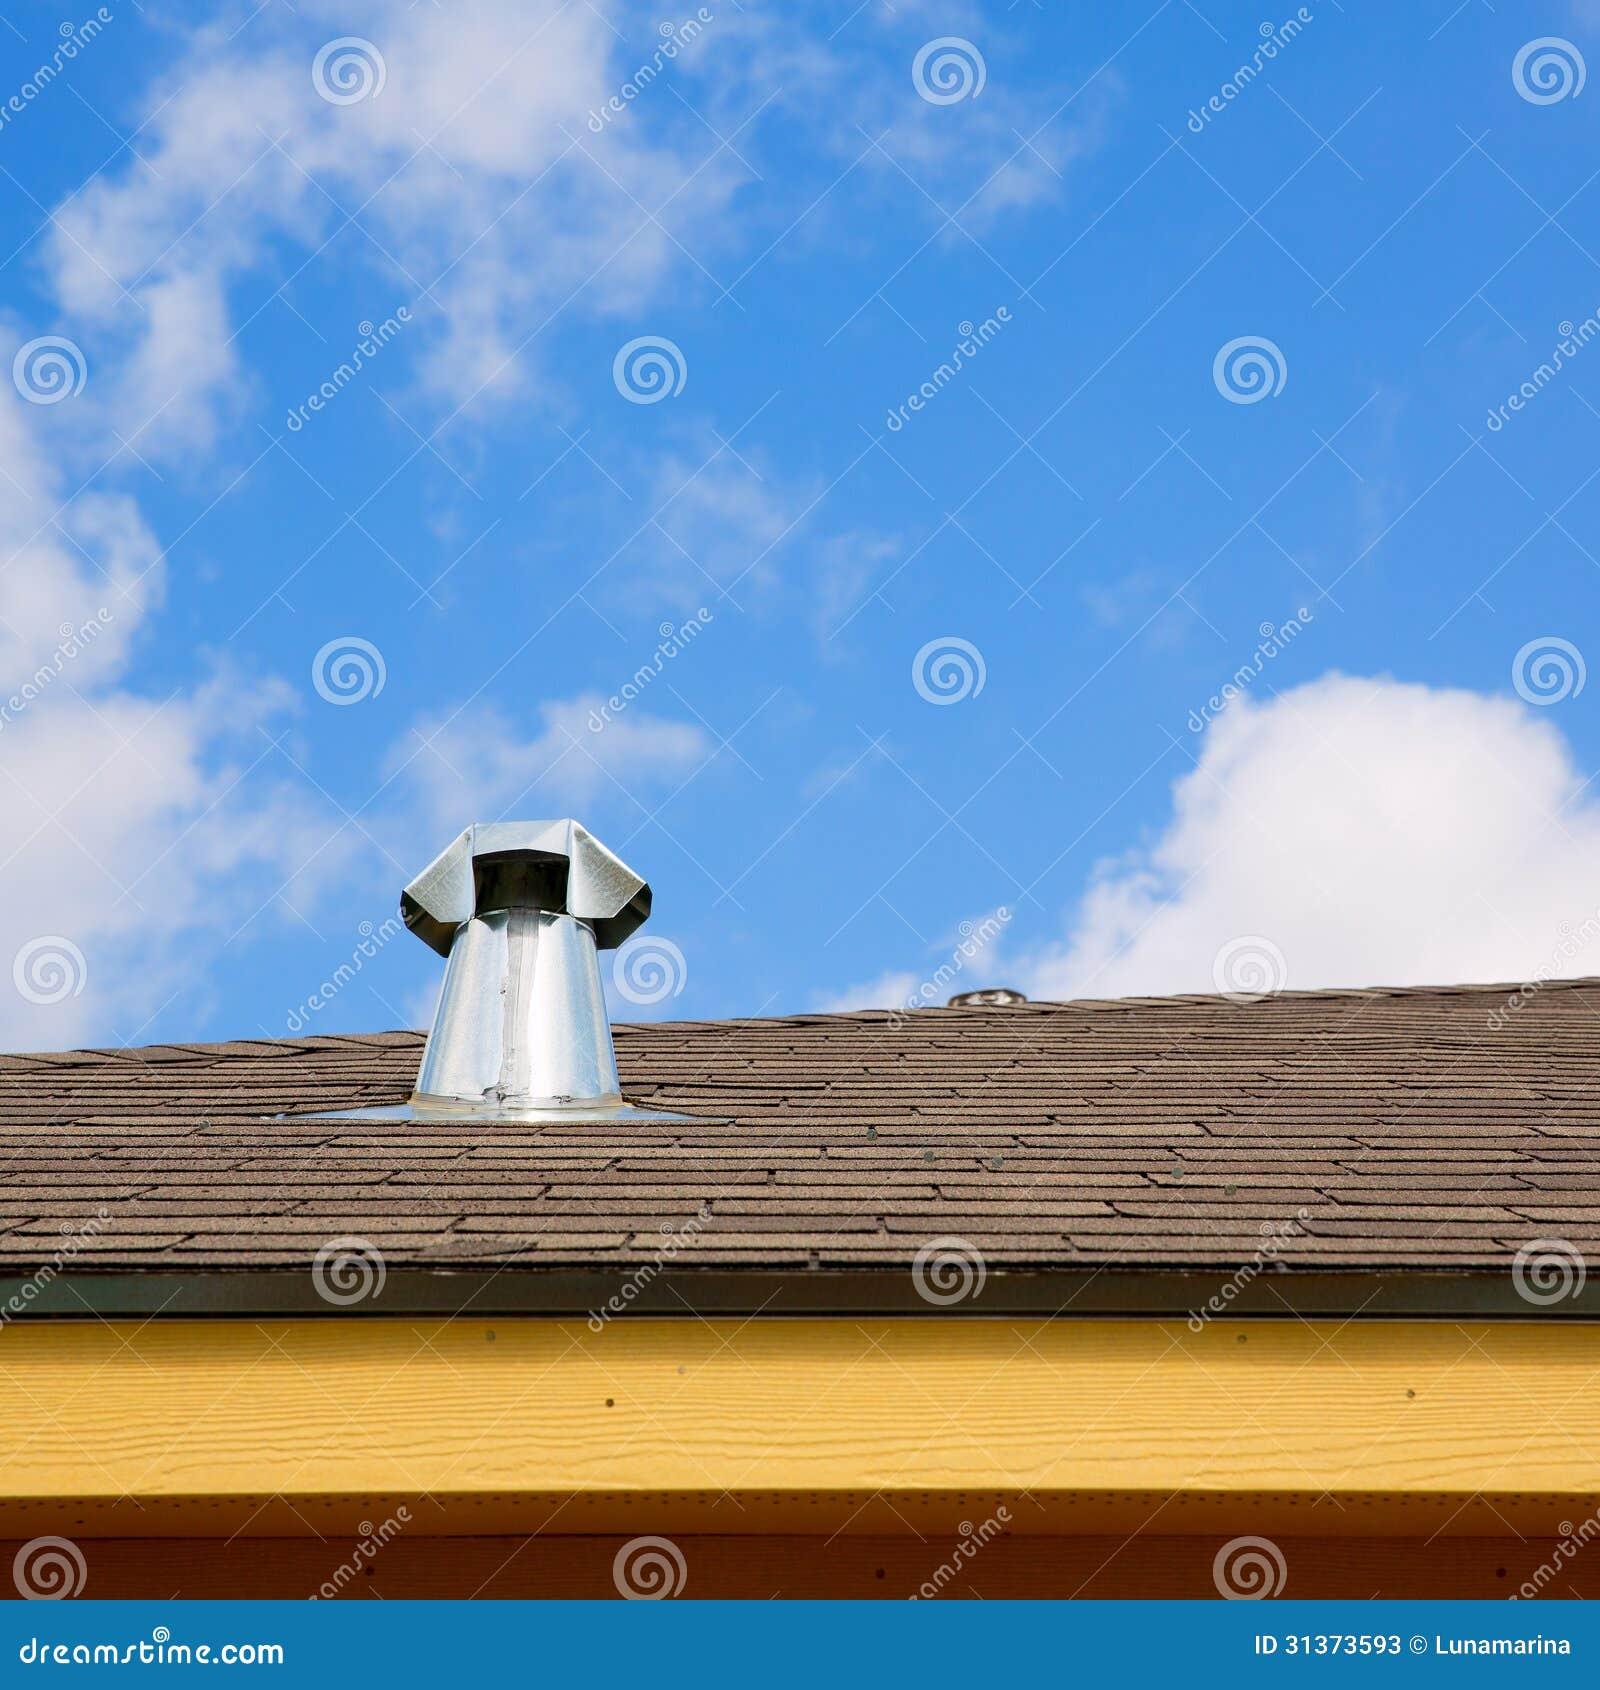 Camino blu della finestra del lucernario del tetto for Finestra lucernario